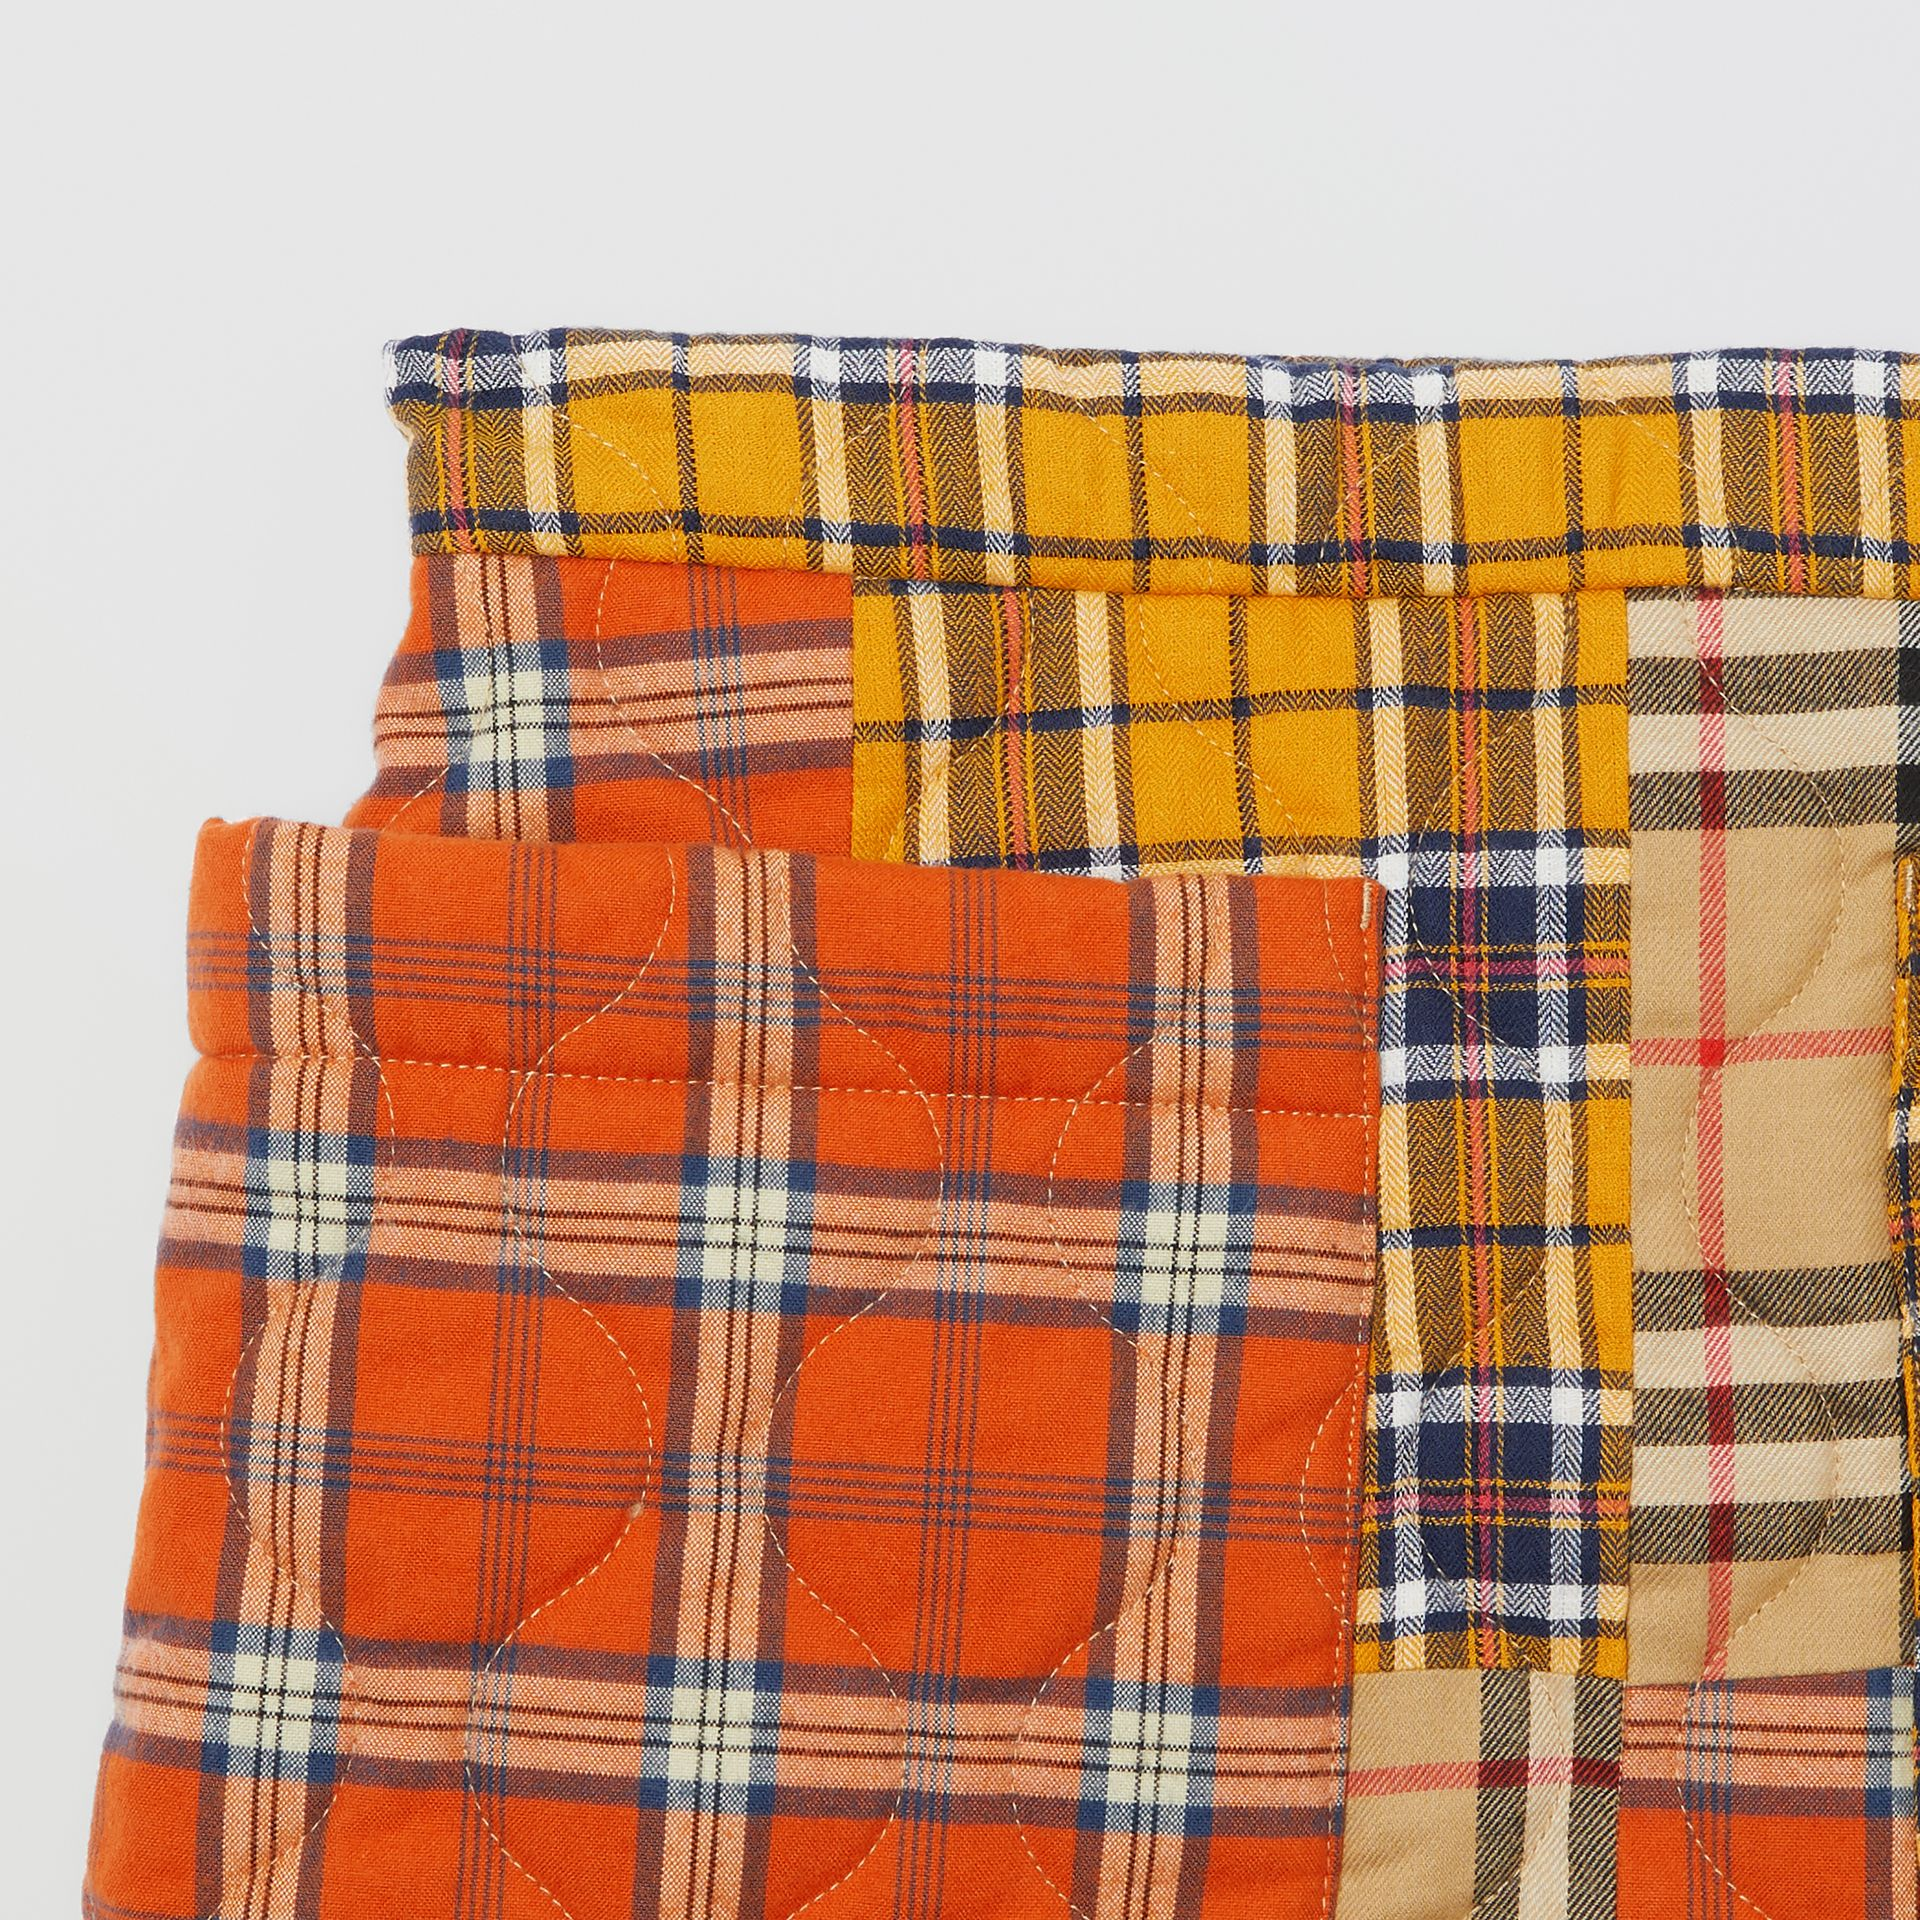 Jupe en flanelle de coton check (Jaune Suroît) | Burberry - photo de la galerie 4